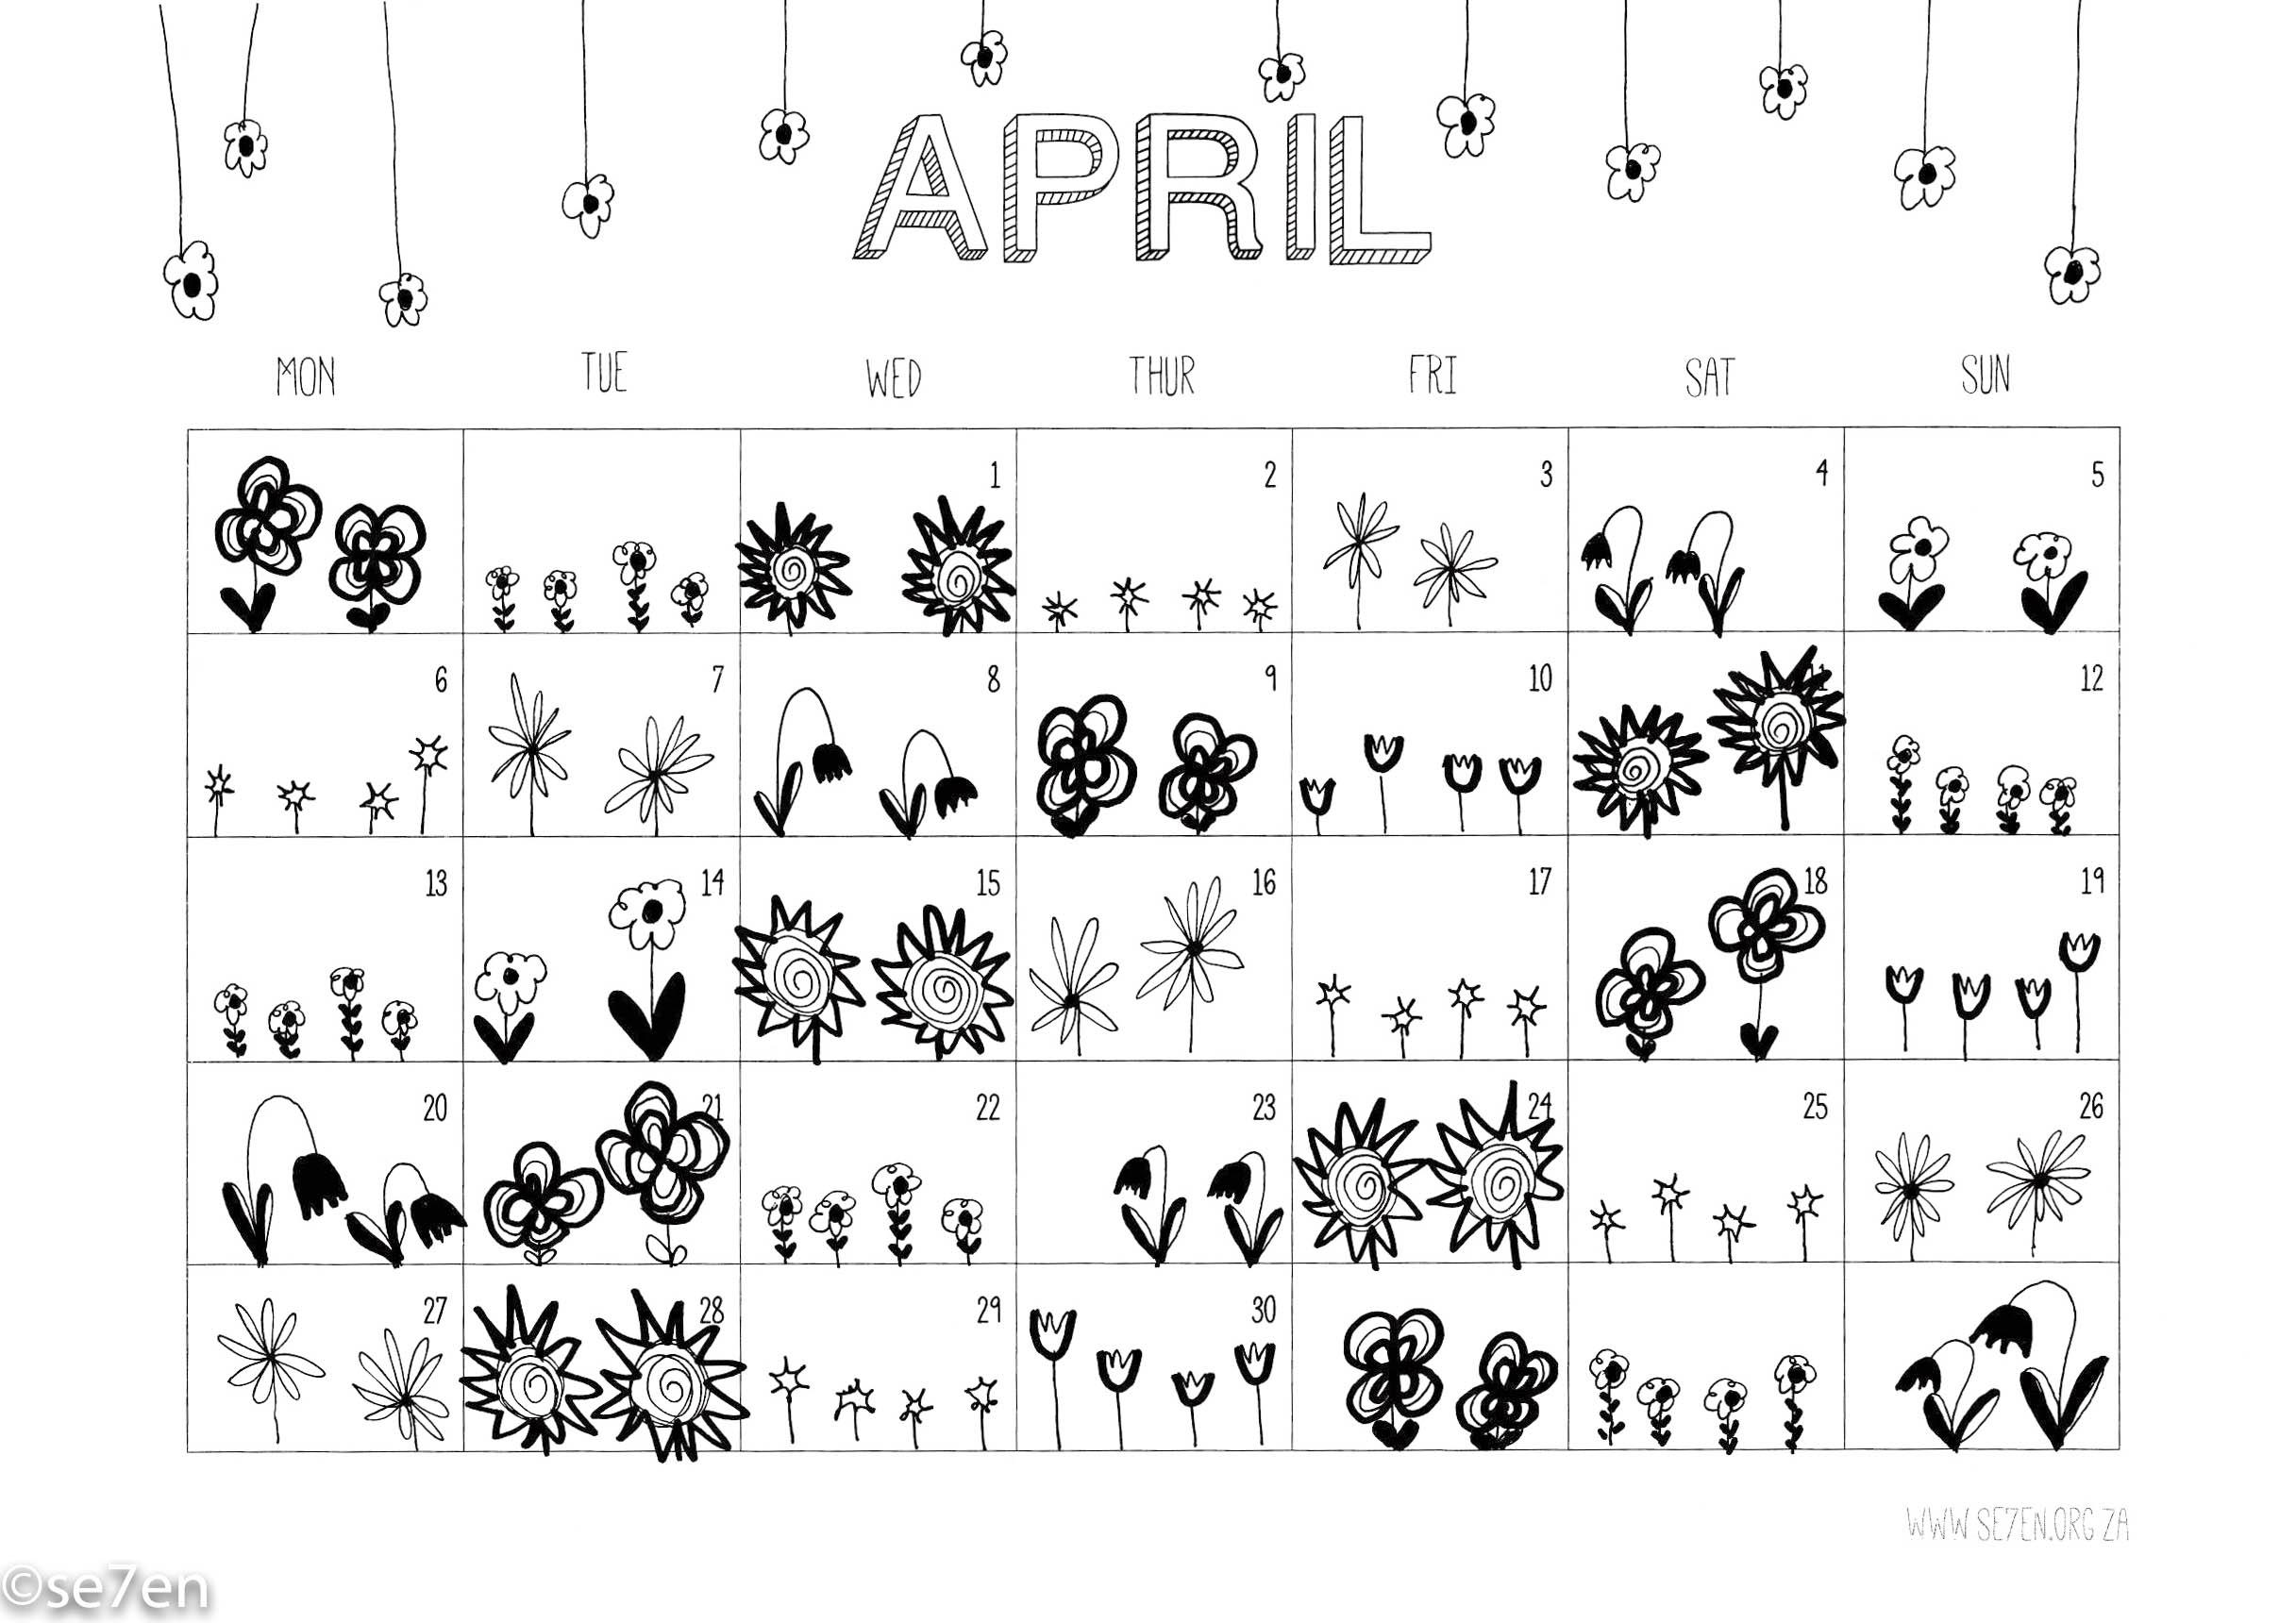 se7en-31-Mar-20-Se7en-2020-Calendar-Illustrated_compressed